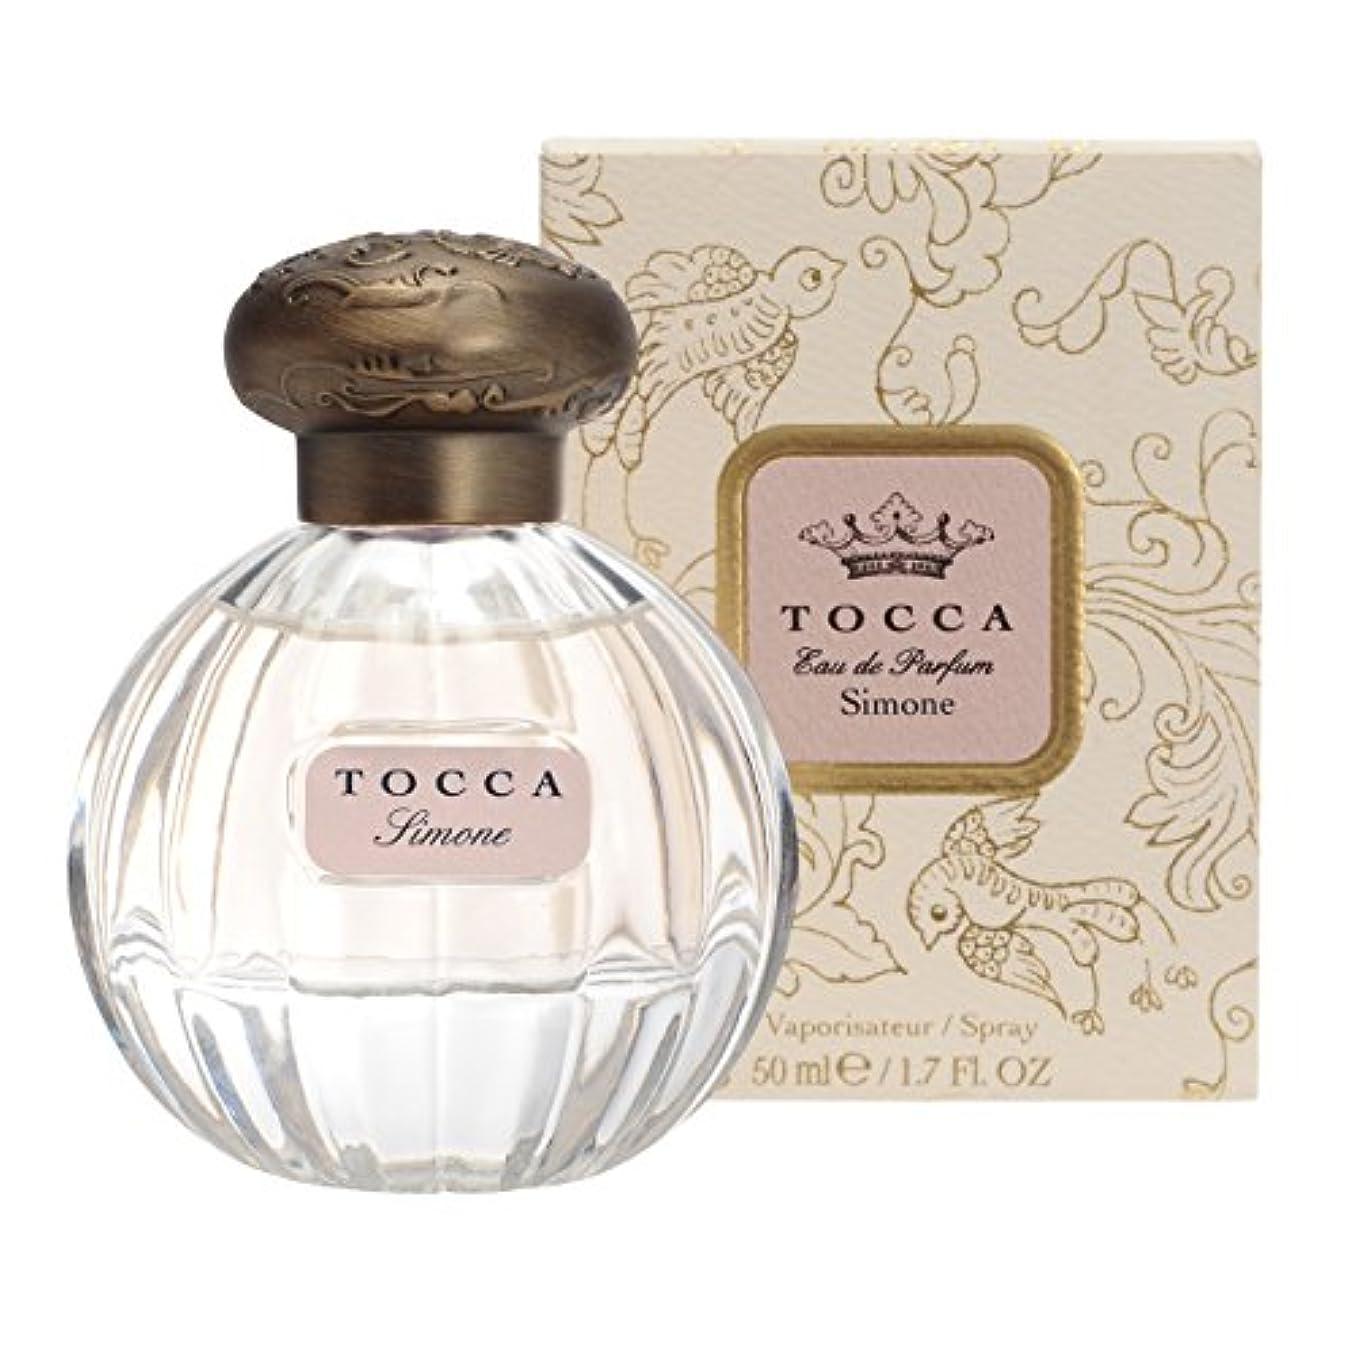 クラブ王女スクリーチトッカ(TOCCA) オードパルファム シモネの香り 50ml(香水 ビーチの波に飛び込む元気な少女のようにフランジパニにウォーターメロンが重なるみずみずしい香り)